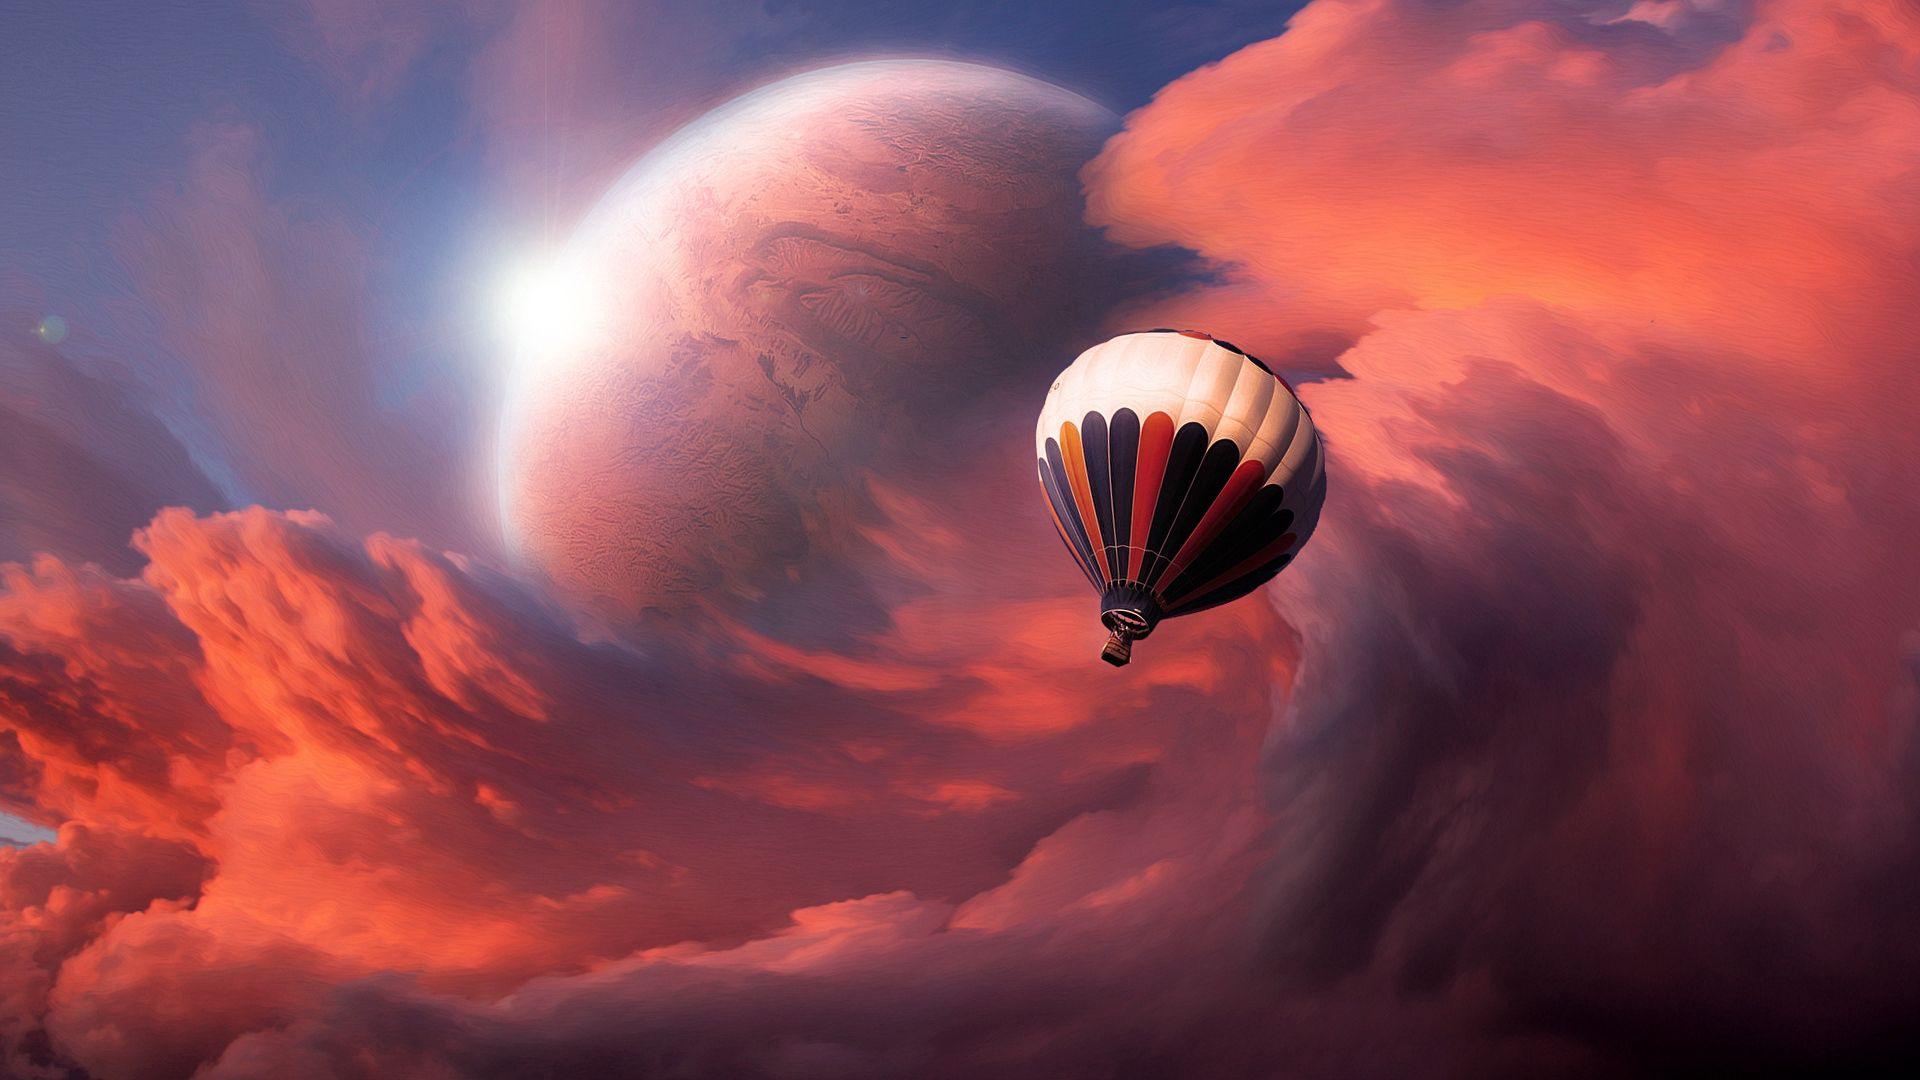 78517 Protetores de tela e papéis de parede Lua em seu telefone. Baixe Abstrato, Céu, Nuvens, Lua, Voar, Voo, Balão fotos gratuitamente